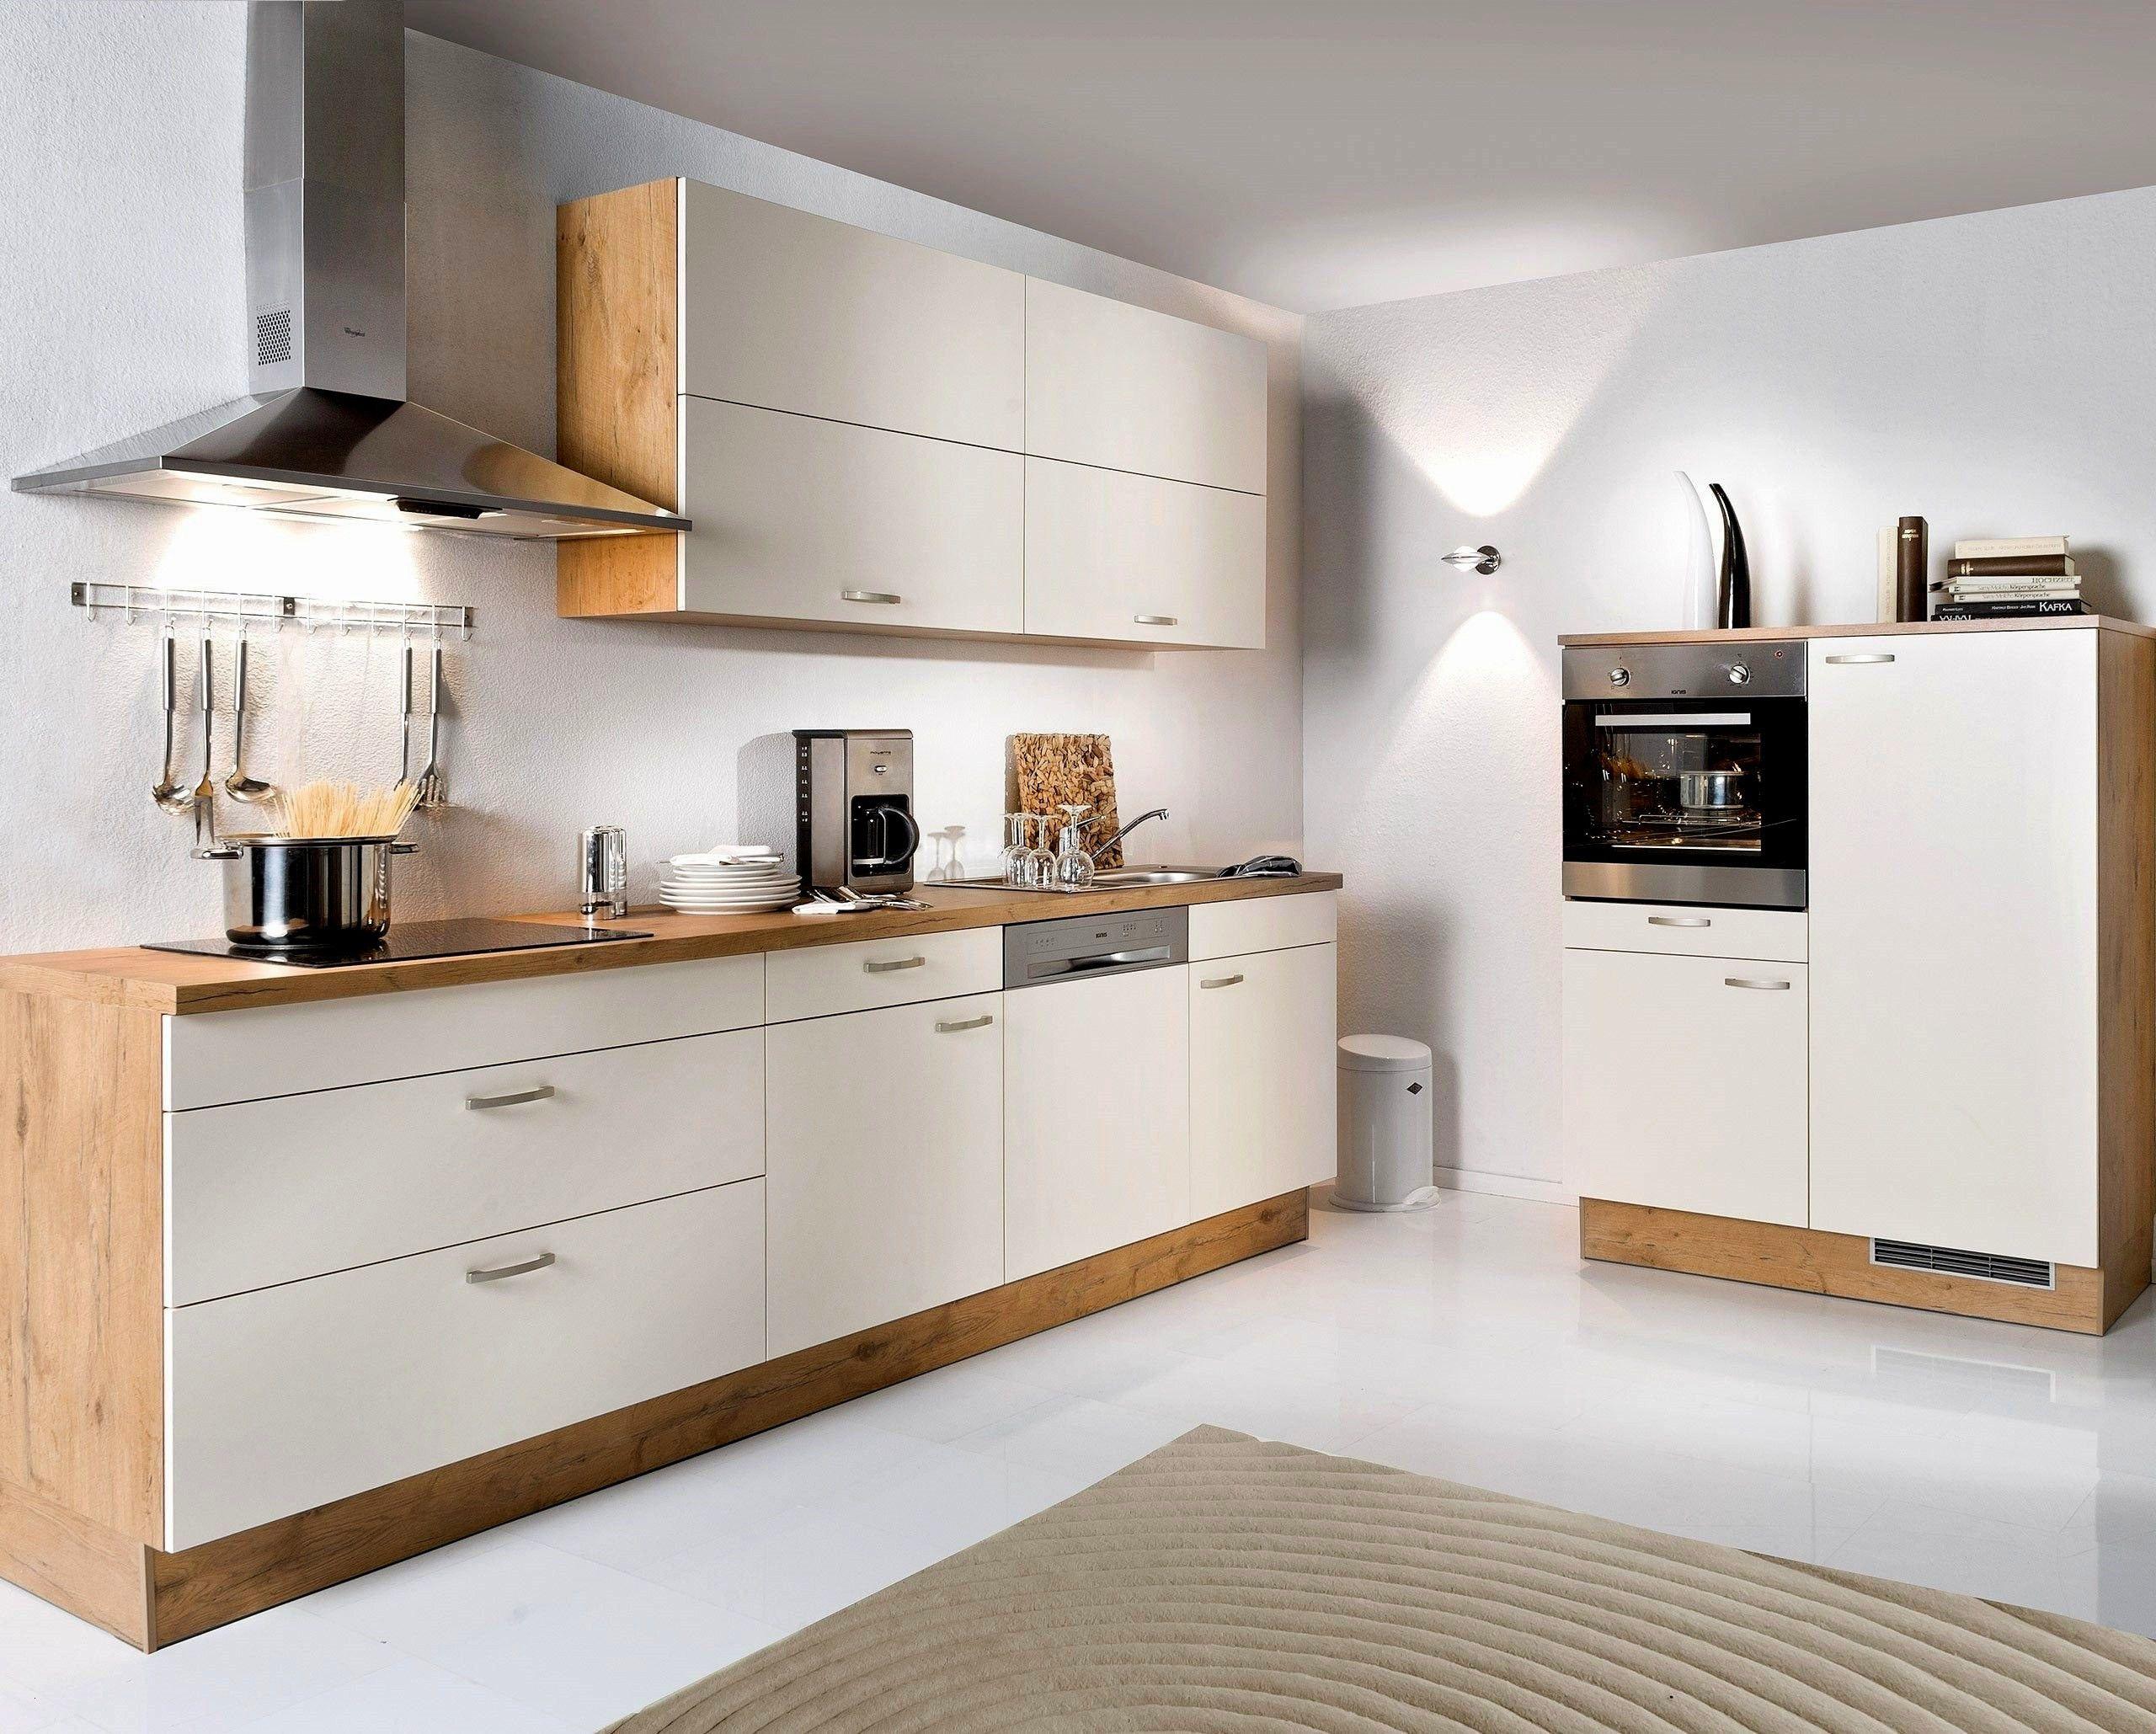 Full Size of Komplettküche Willhaben Komplettküche Respekta Küche Küchenzeile Küchenblock Einbauküche Komplettküche Weiß 320 Cm Kleine Komplettküche Küche Komplettküche